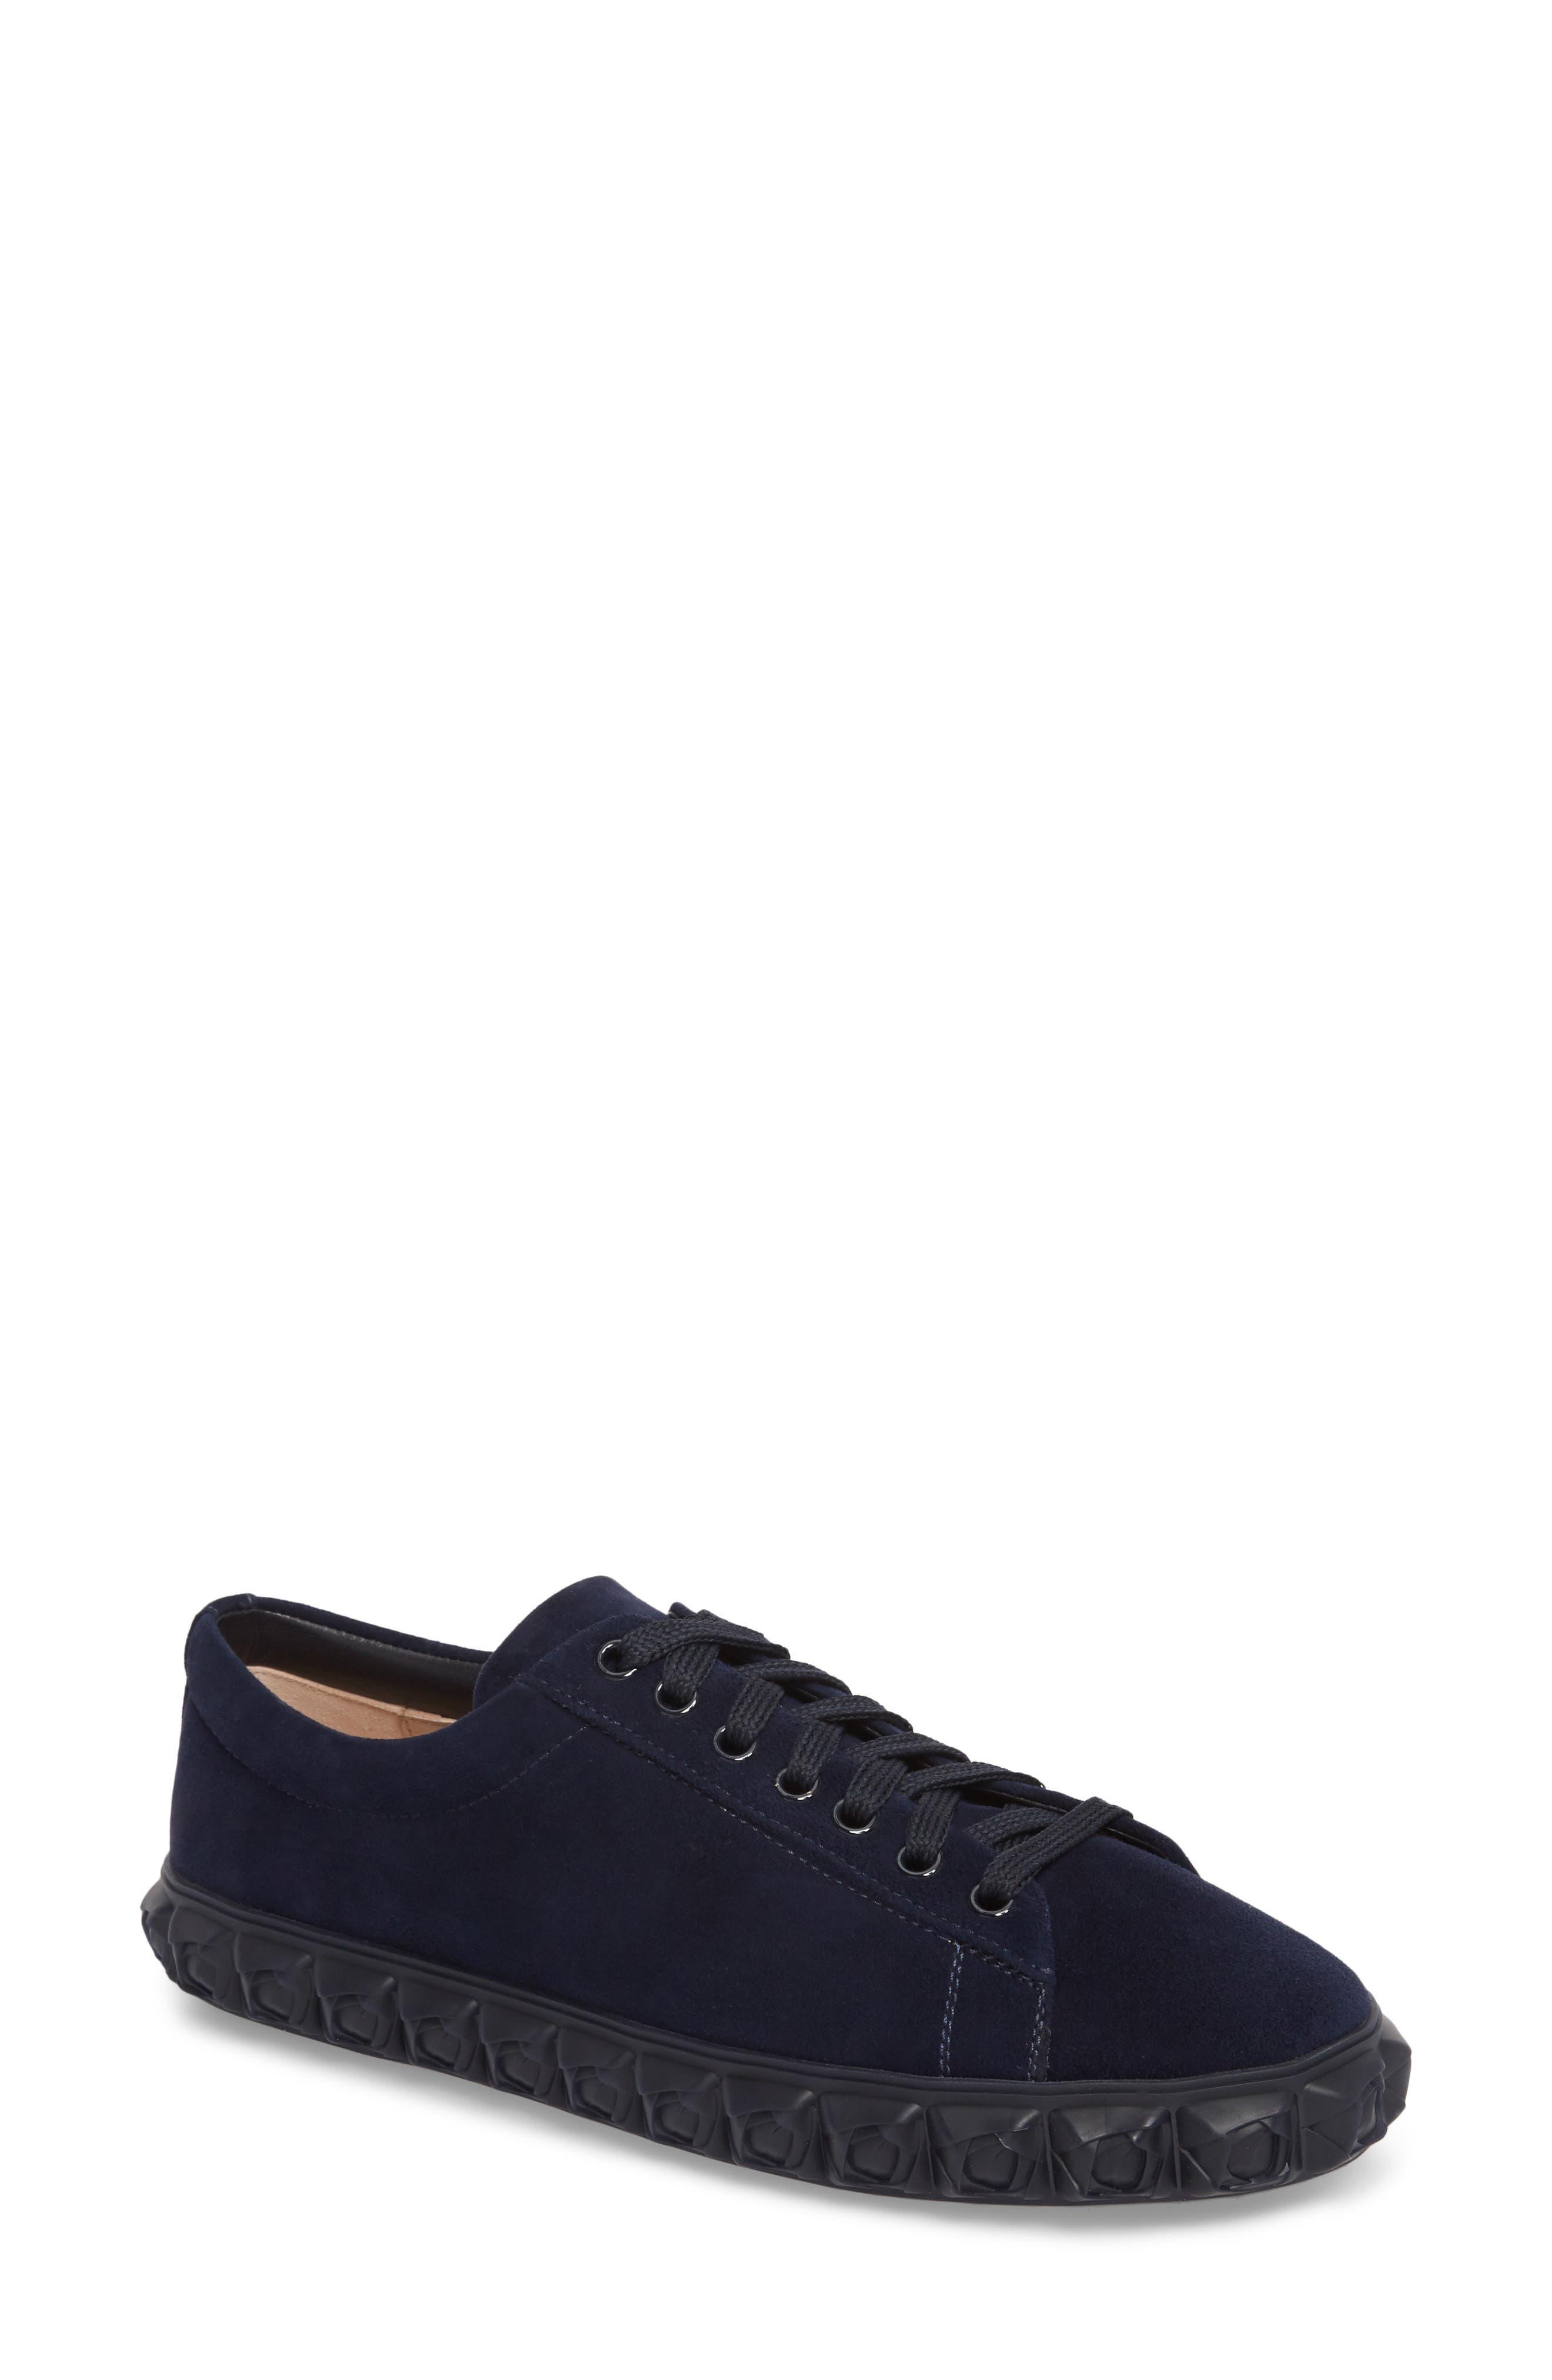 Coverstory Sneaker,                         Main,                         color, Navy Seda Suede